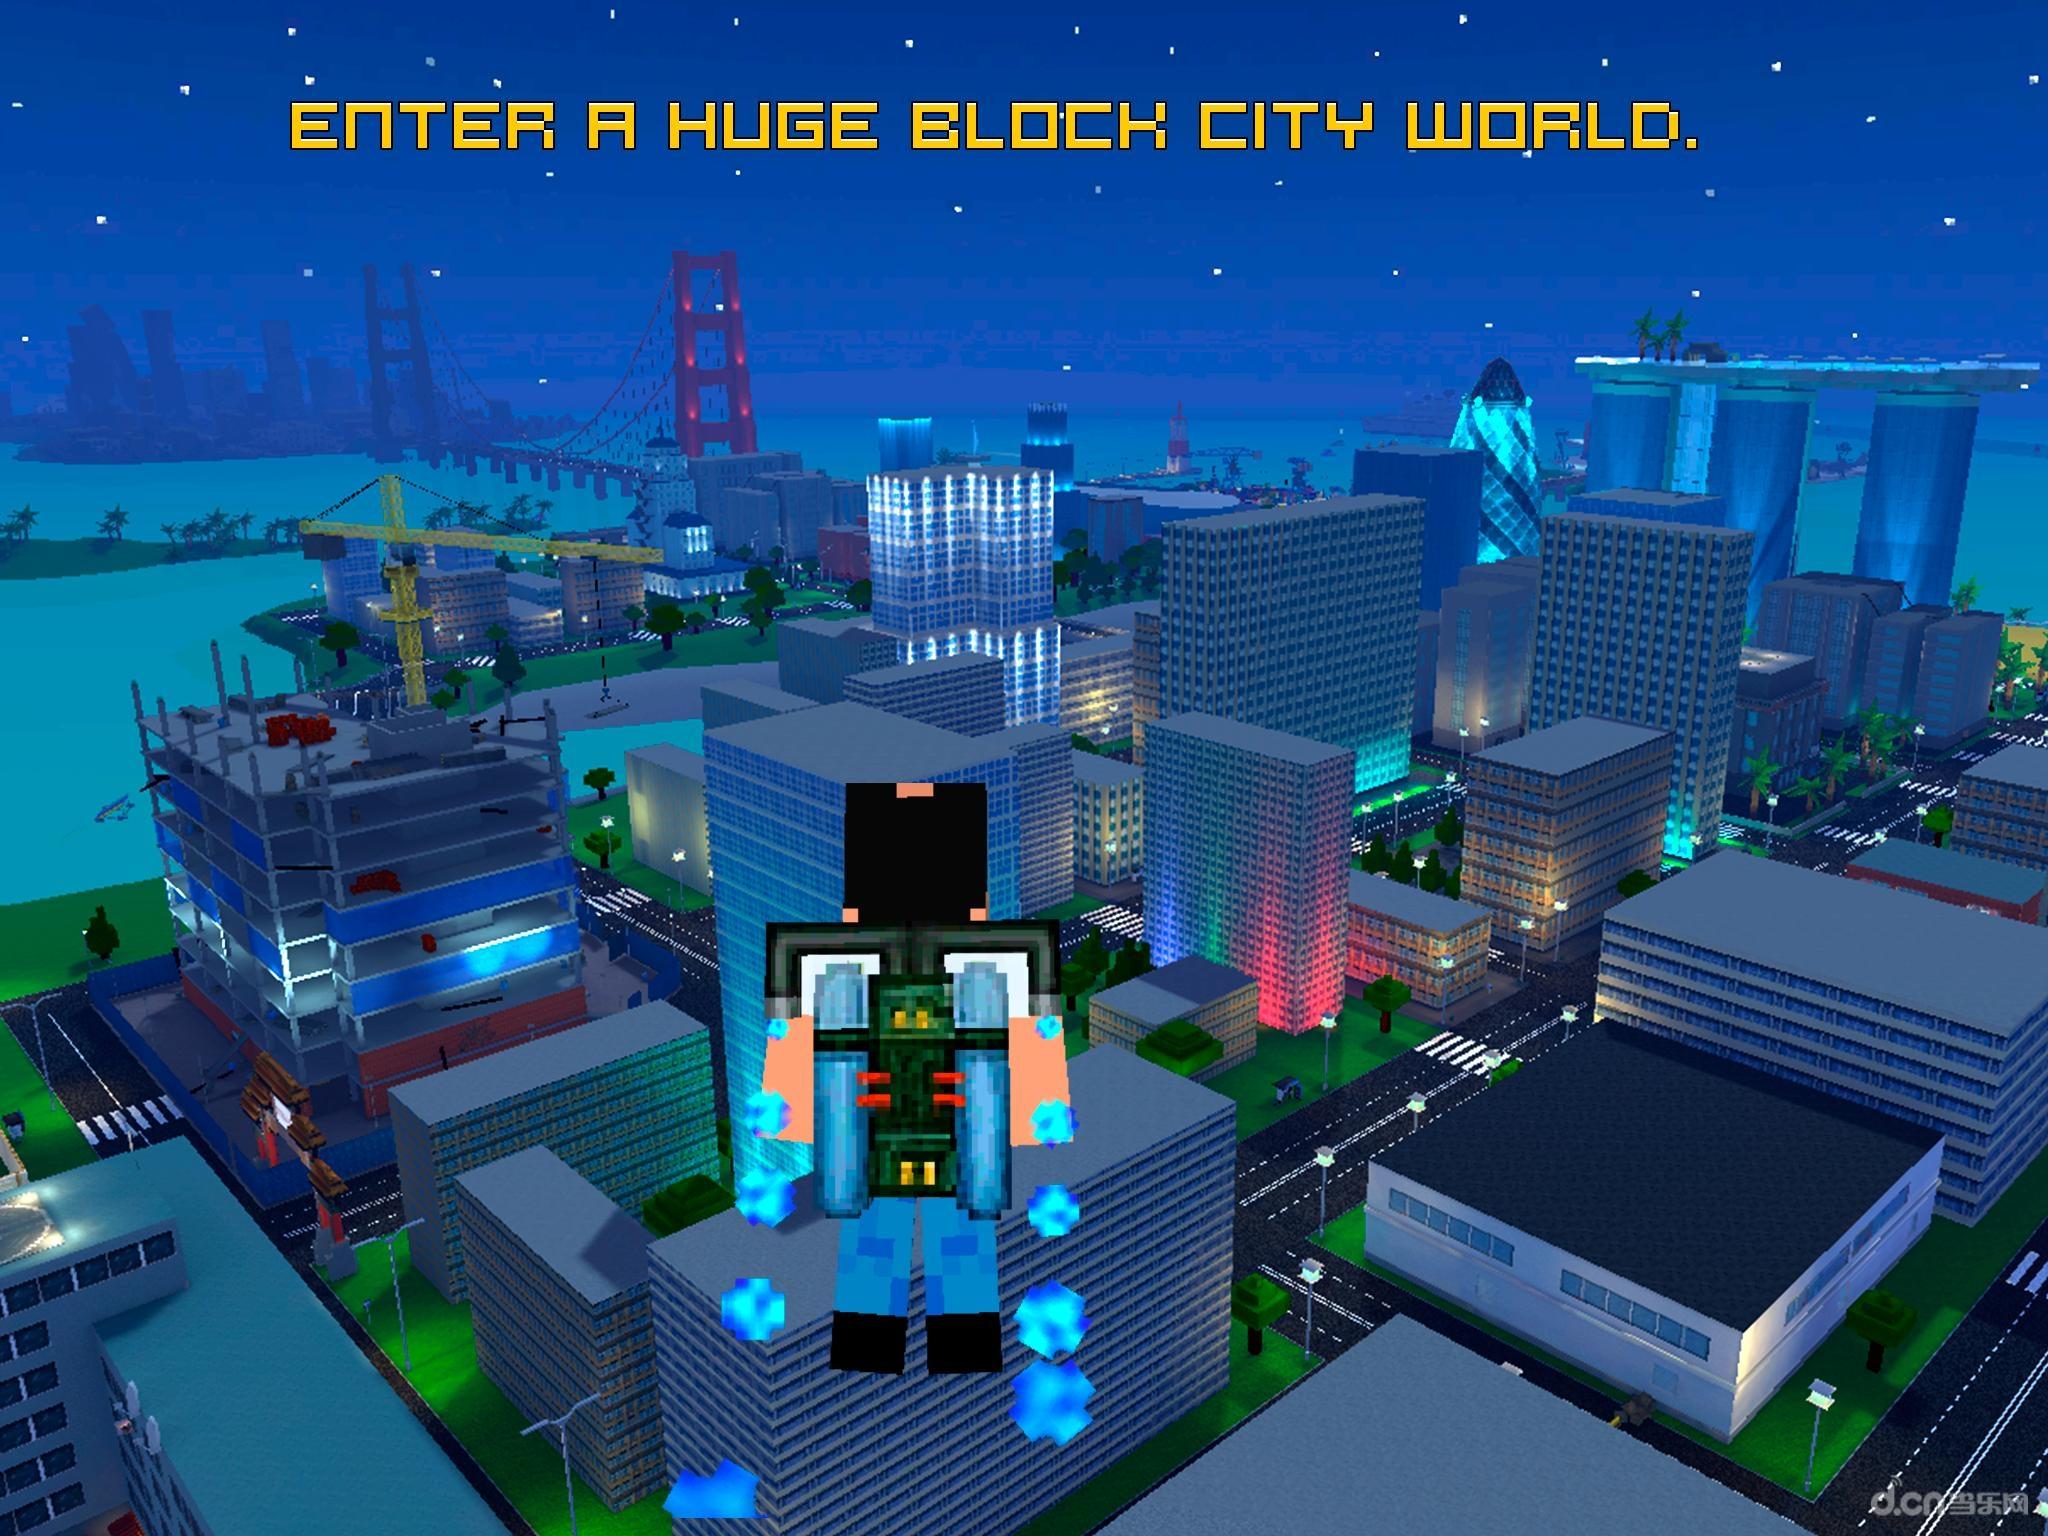 利用重力感应控制方向,整个游戏就是一个迷你的像素gta.